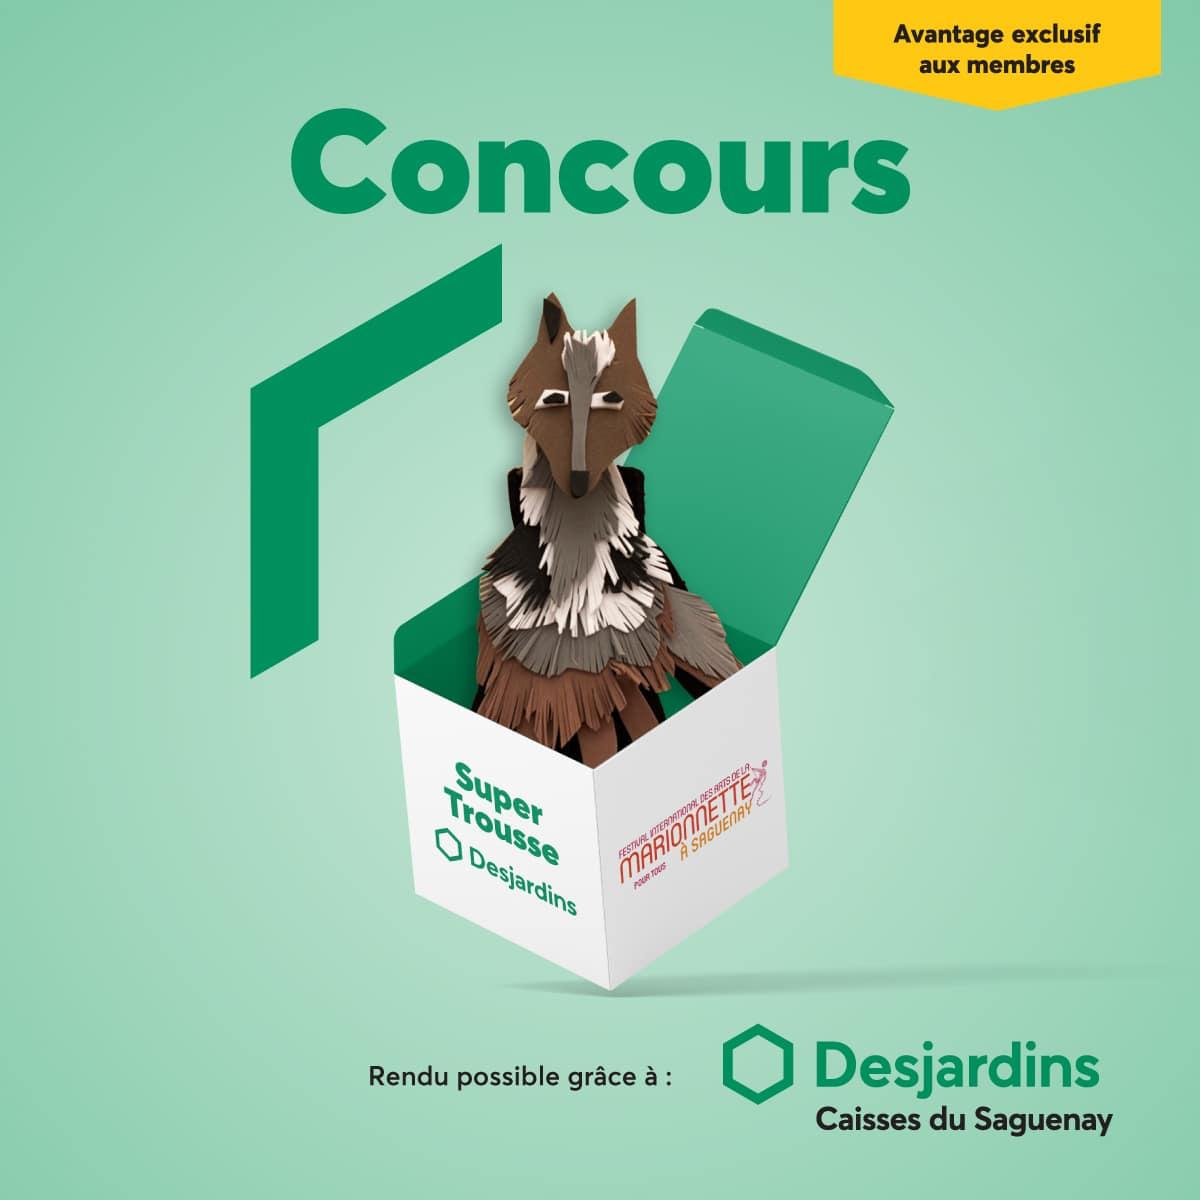 Concours-FIAMS-Desjardins